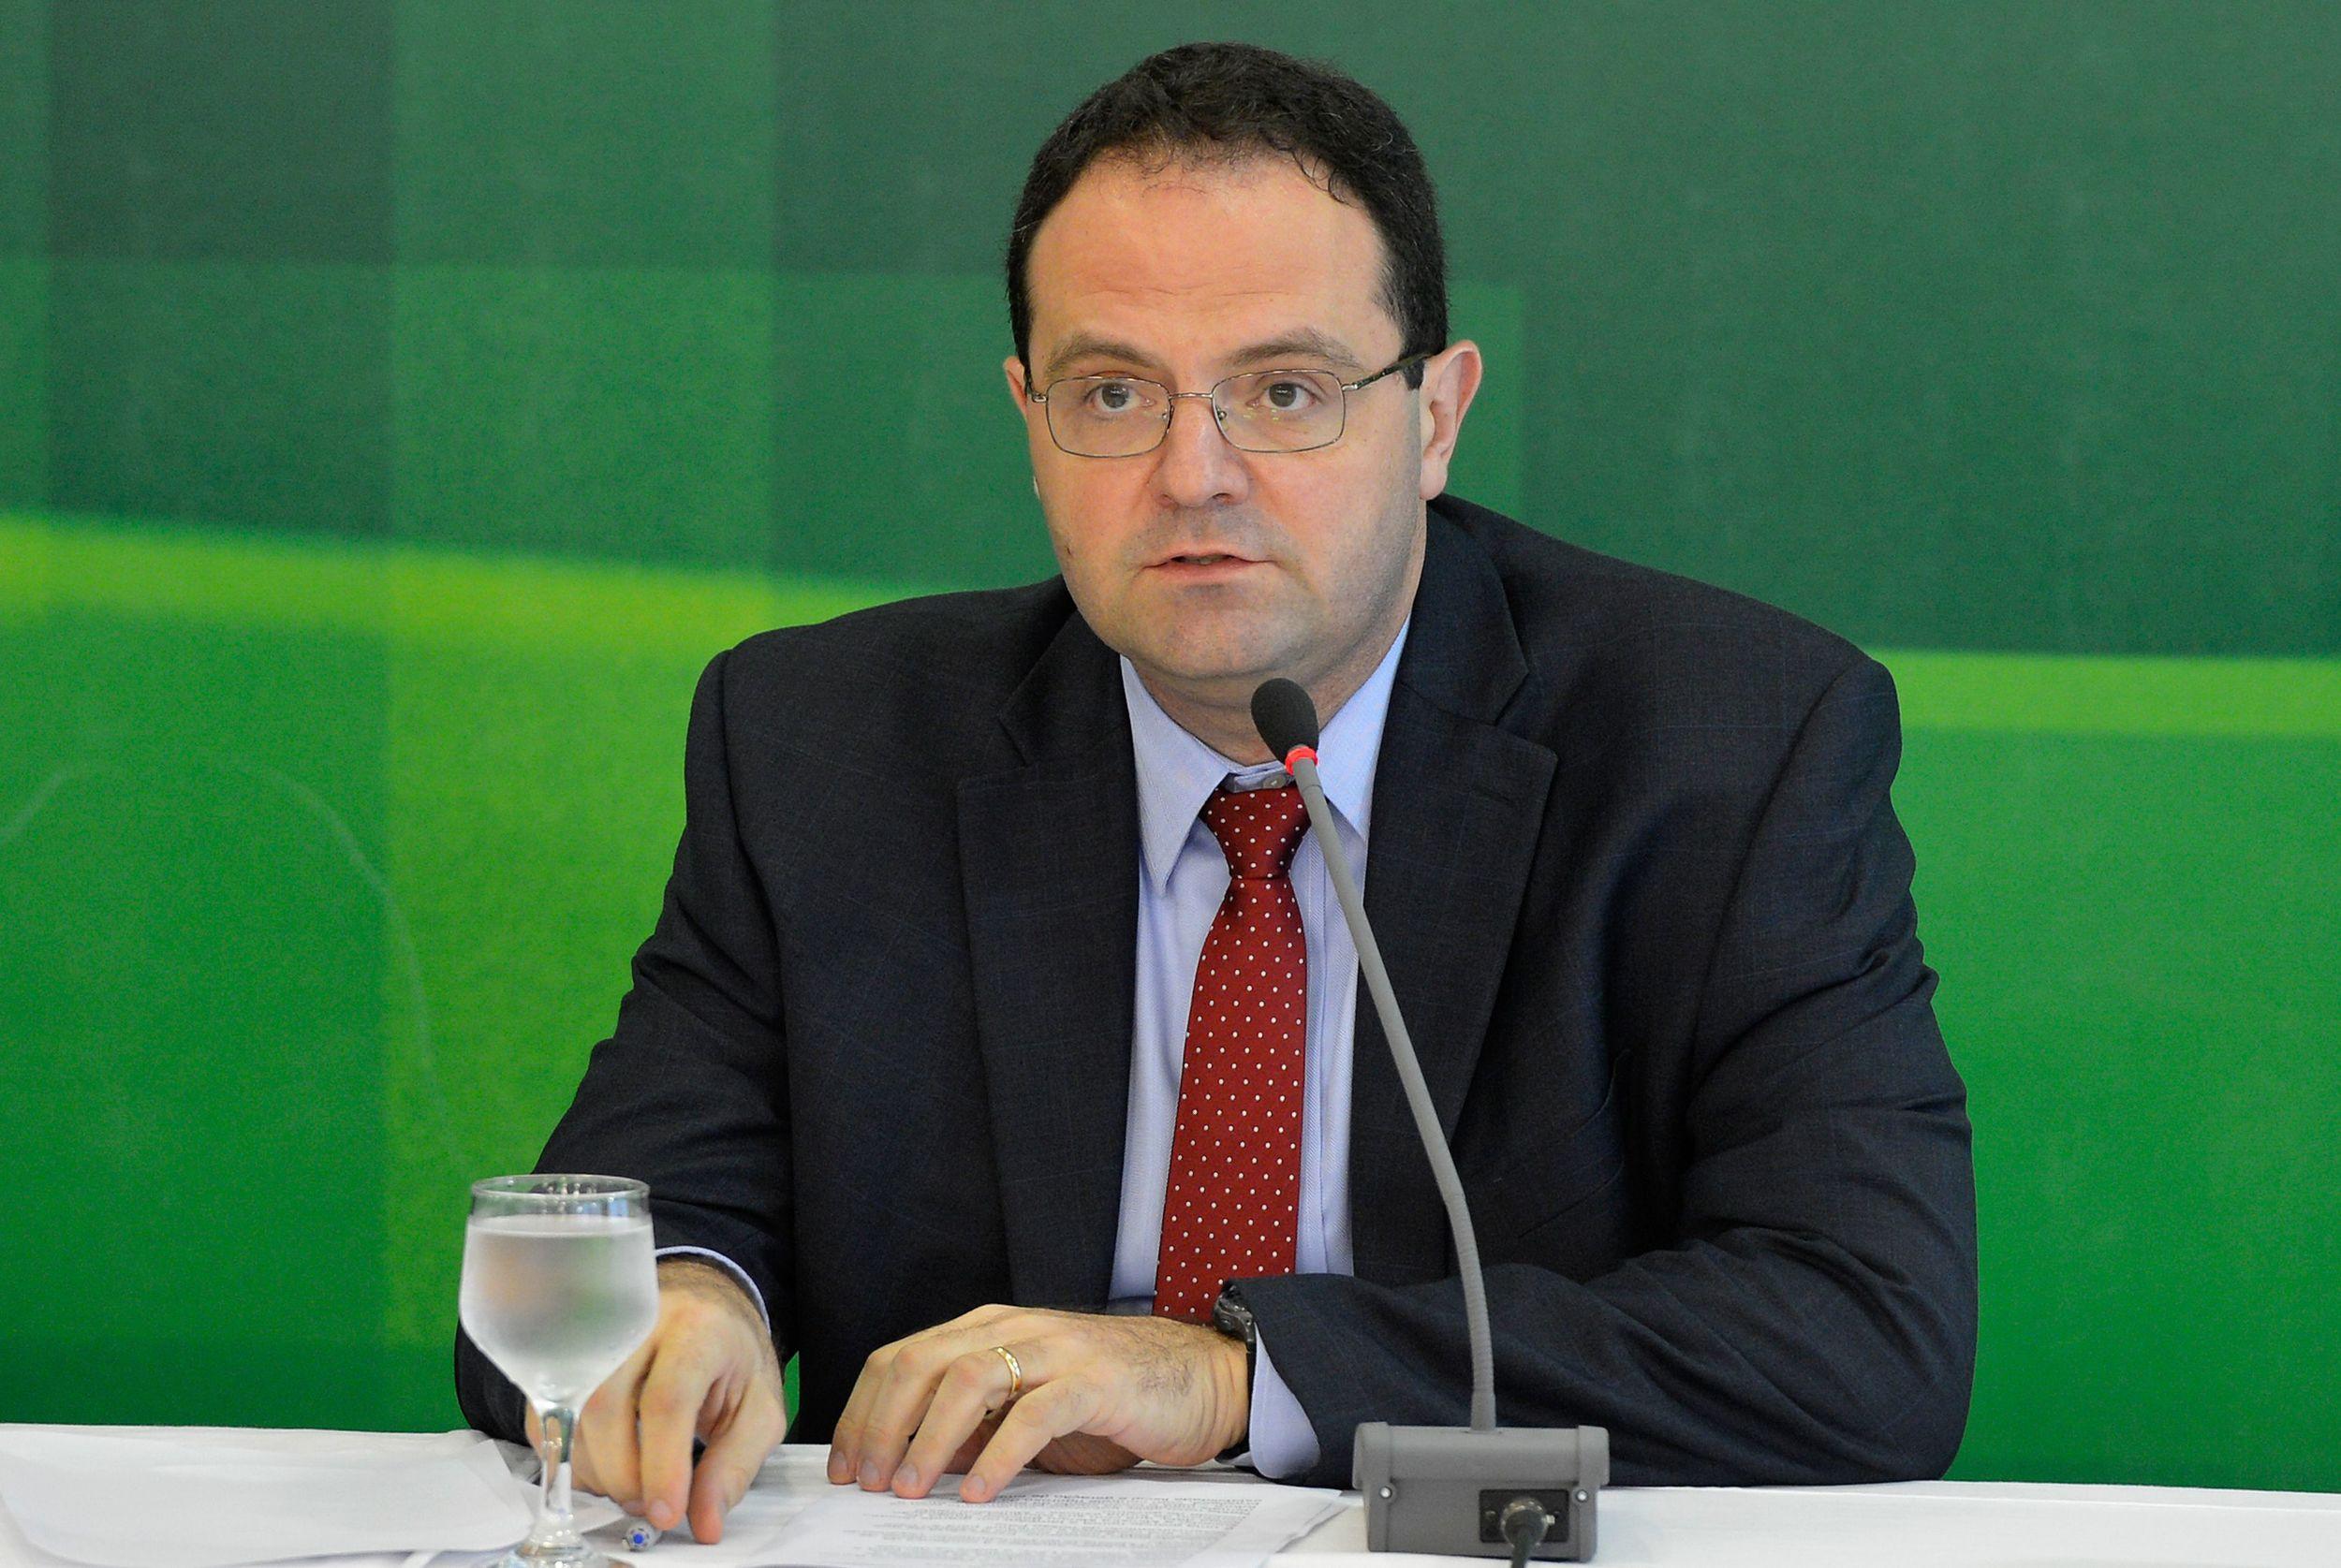 Reunião com Nelson Barbosa será no dia 20 de março. Foto: EBC